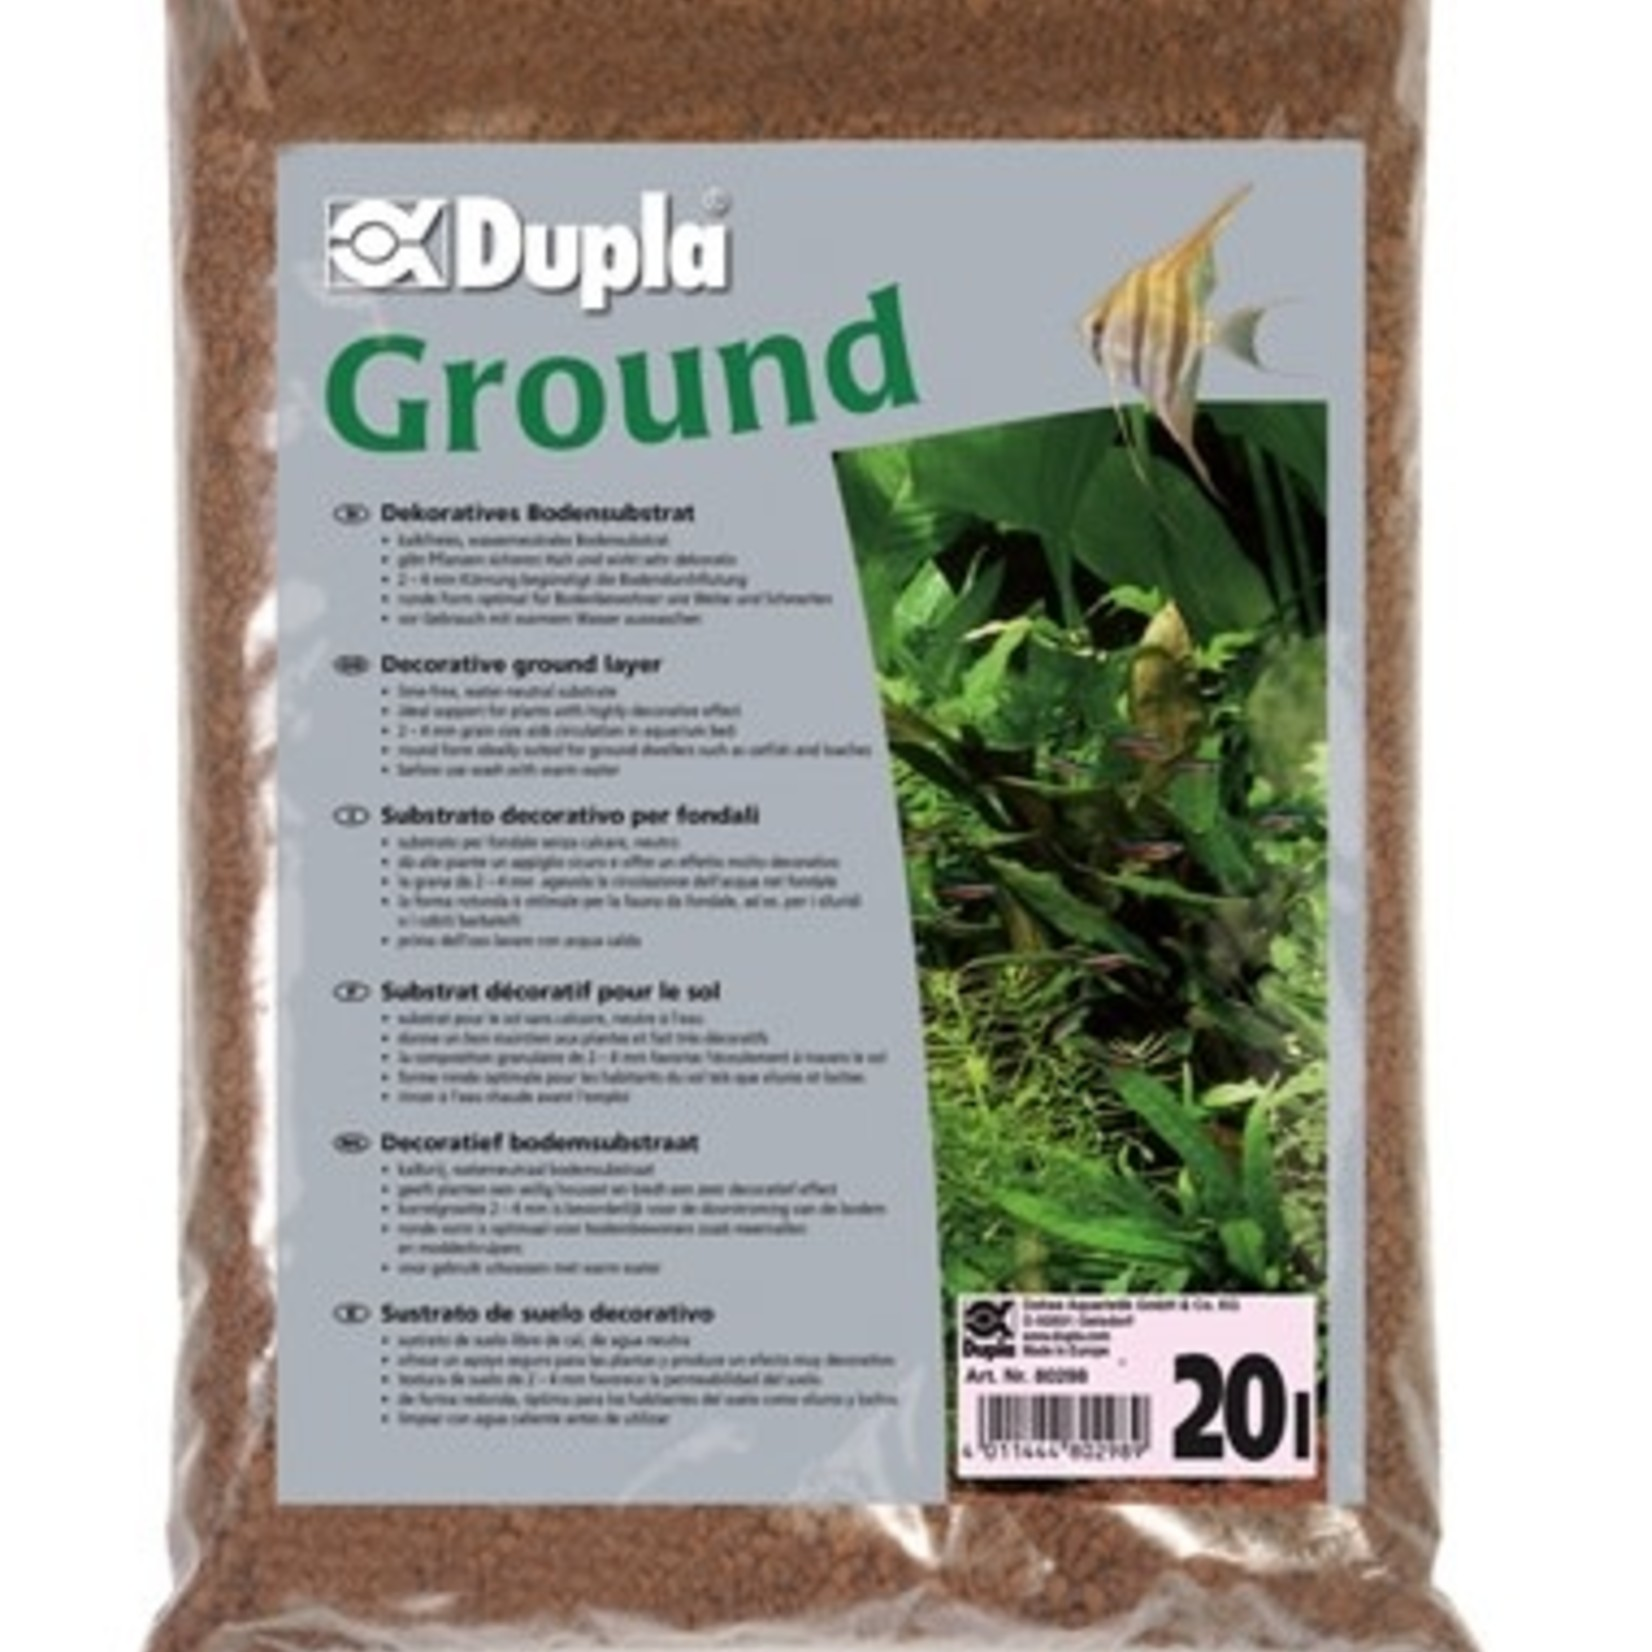 Dupla GROUND 3L